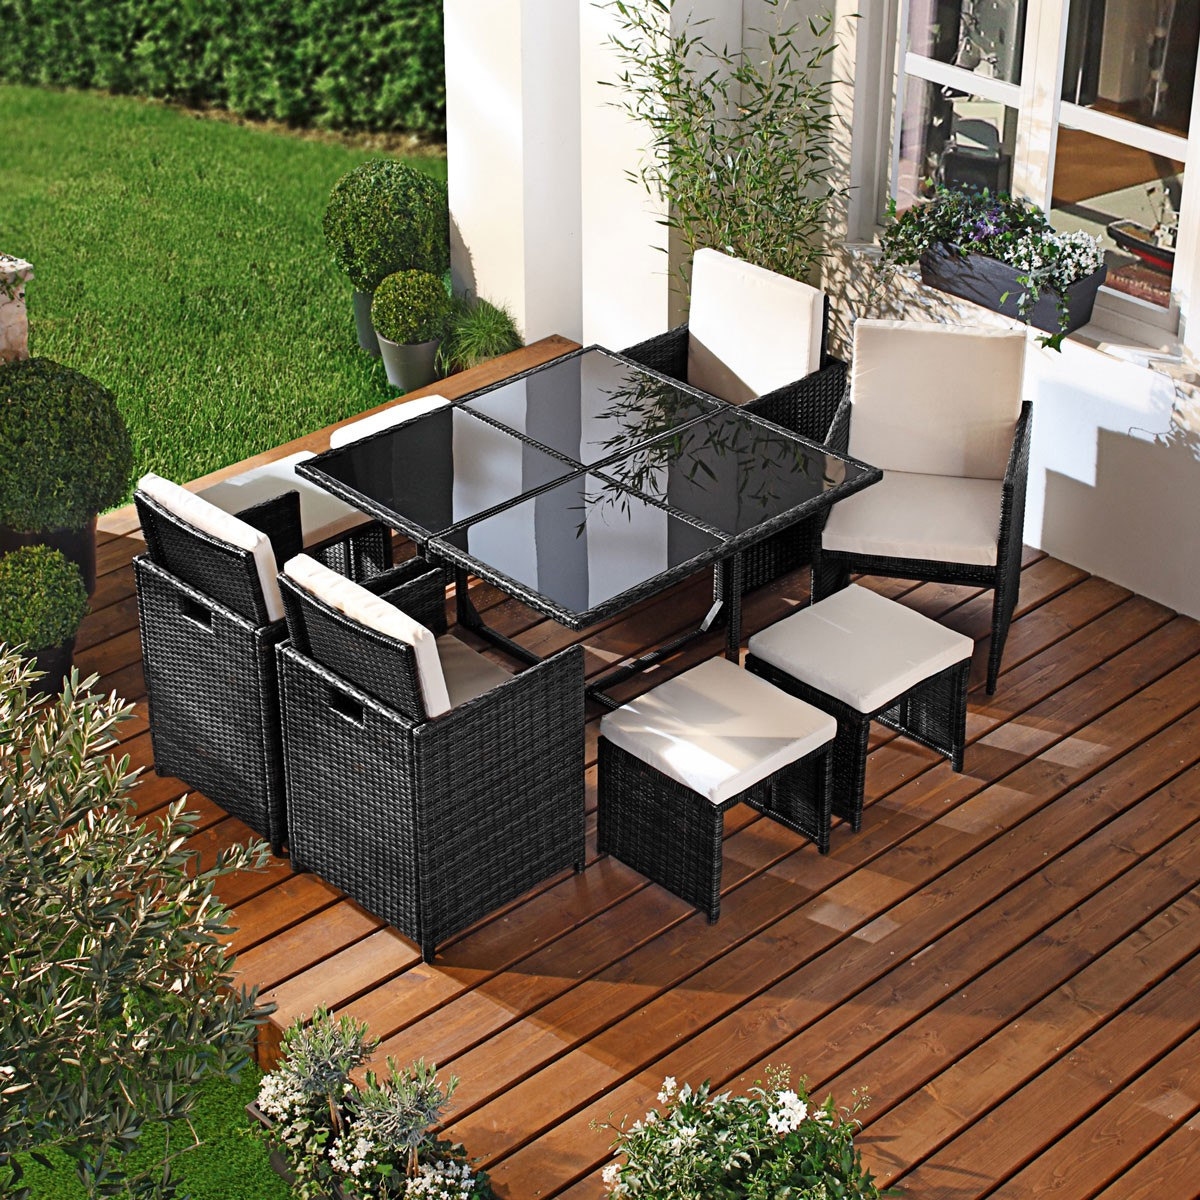 polyrattan gartenm belset camouflage 9tlg schwarz. Black Bedroom Furniture Sets. Home Design Ideas